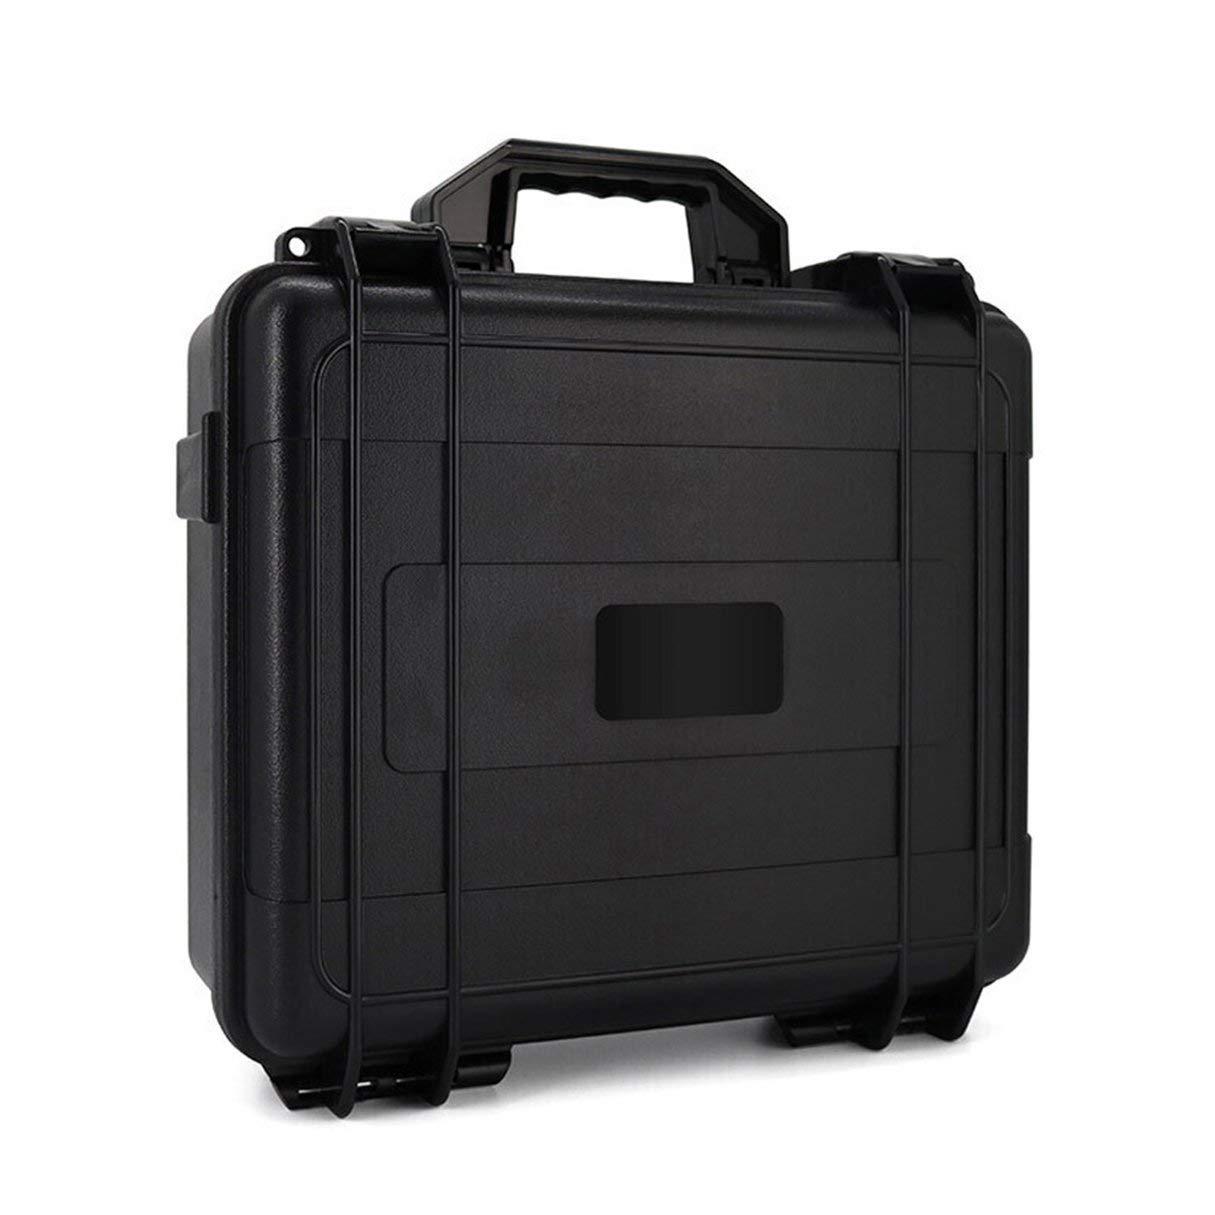 Wafalano Drohne Aufbewahrungsbox, Stoßfest Professionelle Drohne Batterie Umhängetasche Fall Veranstalter Aufbewahrungsbox Geeignet für DJI Mavic 2